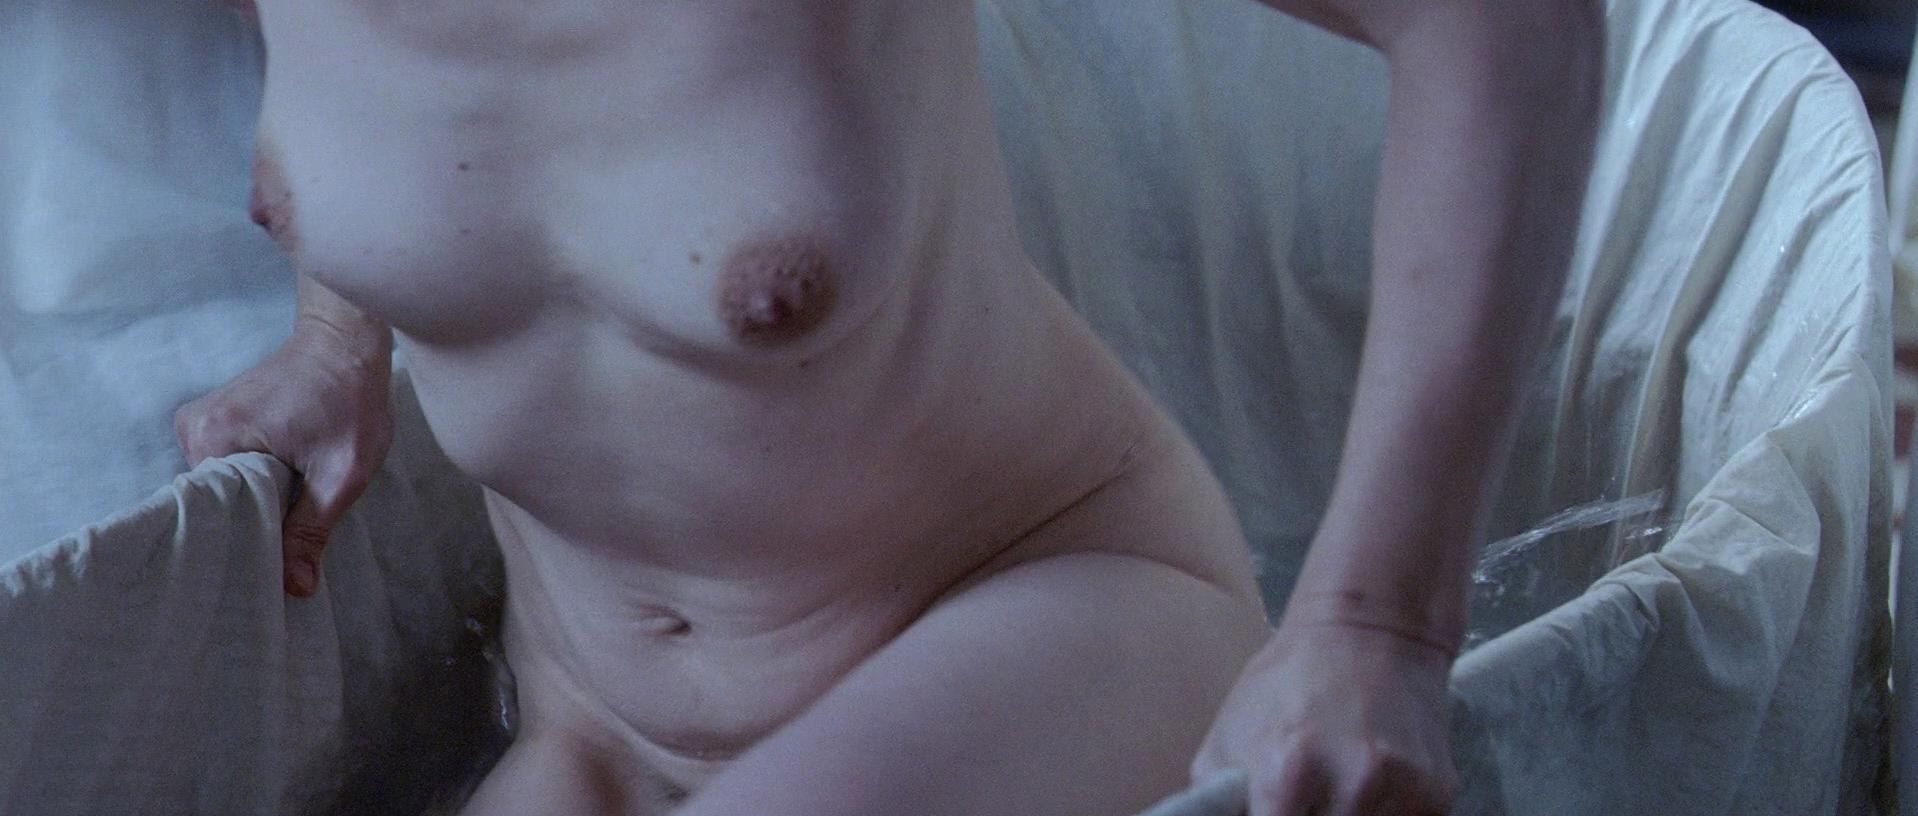 Juliette Binoche nude - Camille Claudel 1915 (2013)